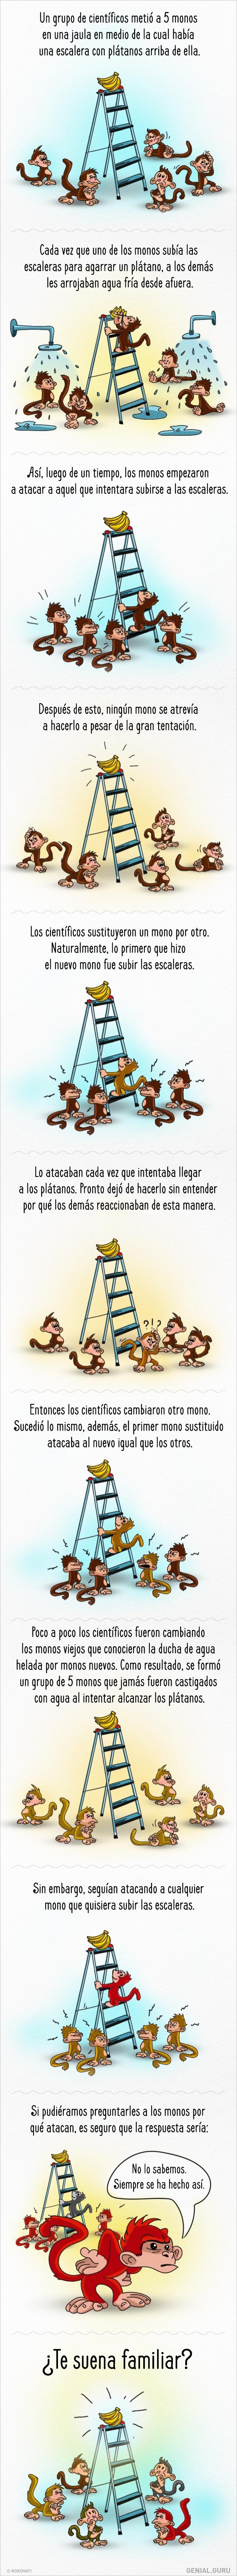 la historia de los monos